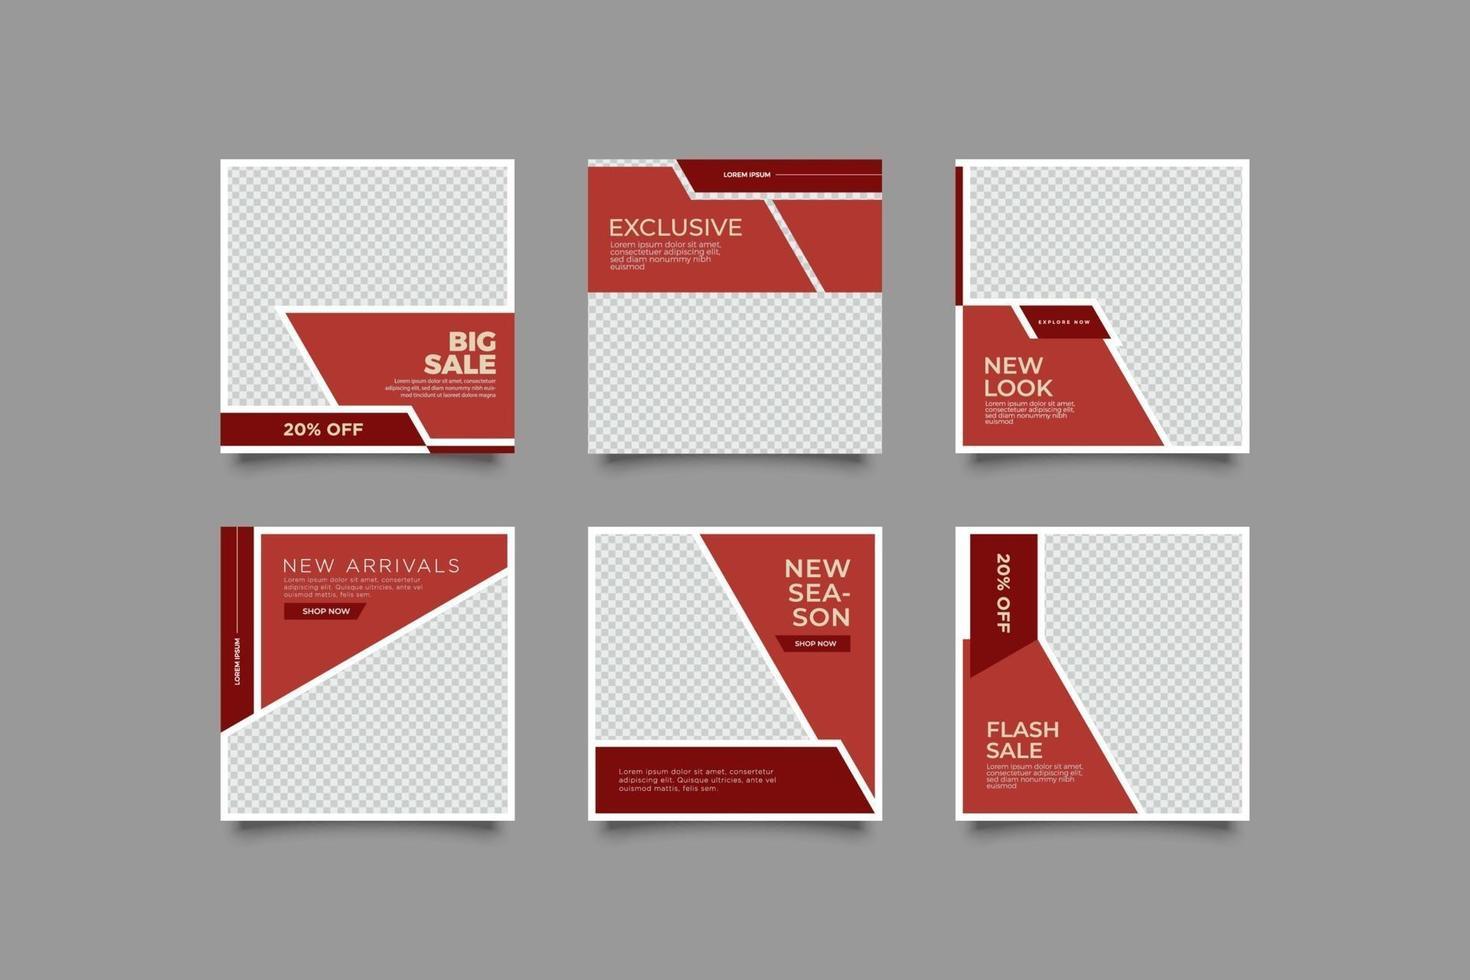 minimalistisk inläggsmall för tegelstenfärg vektor